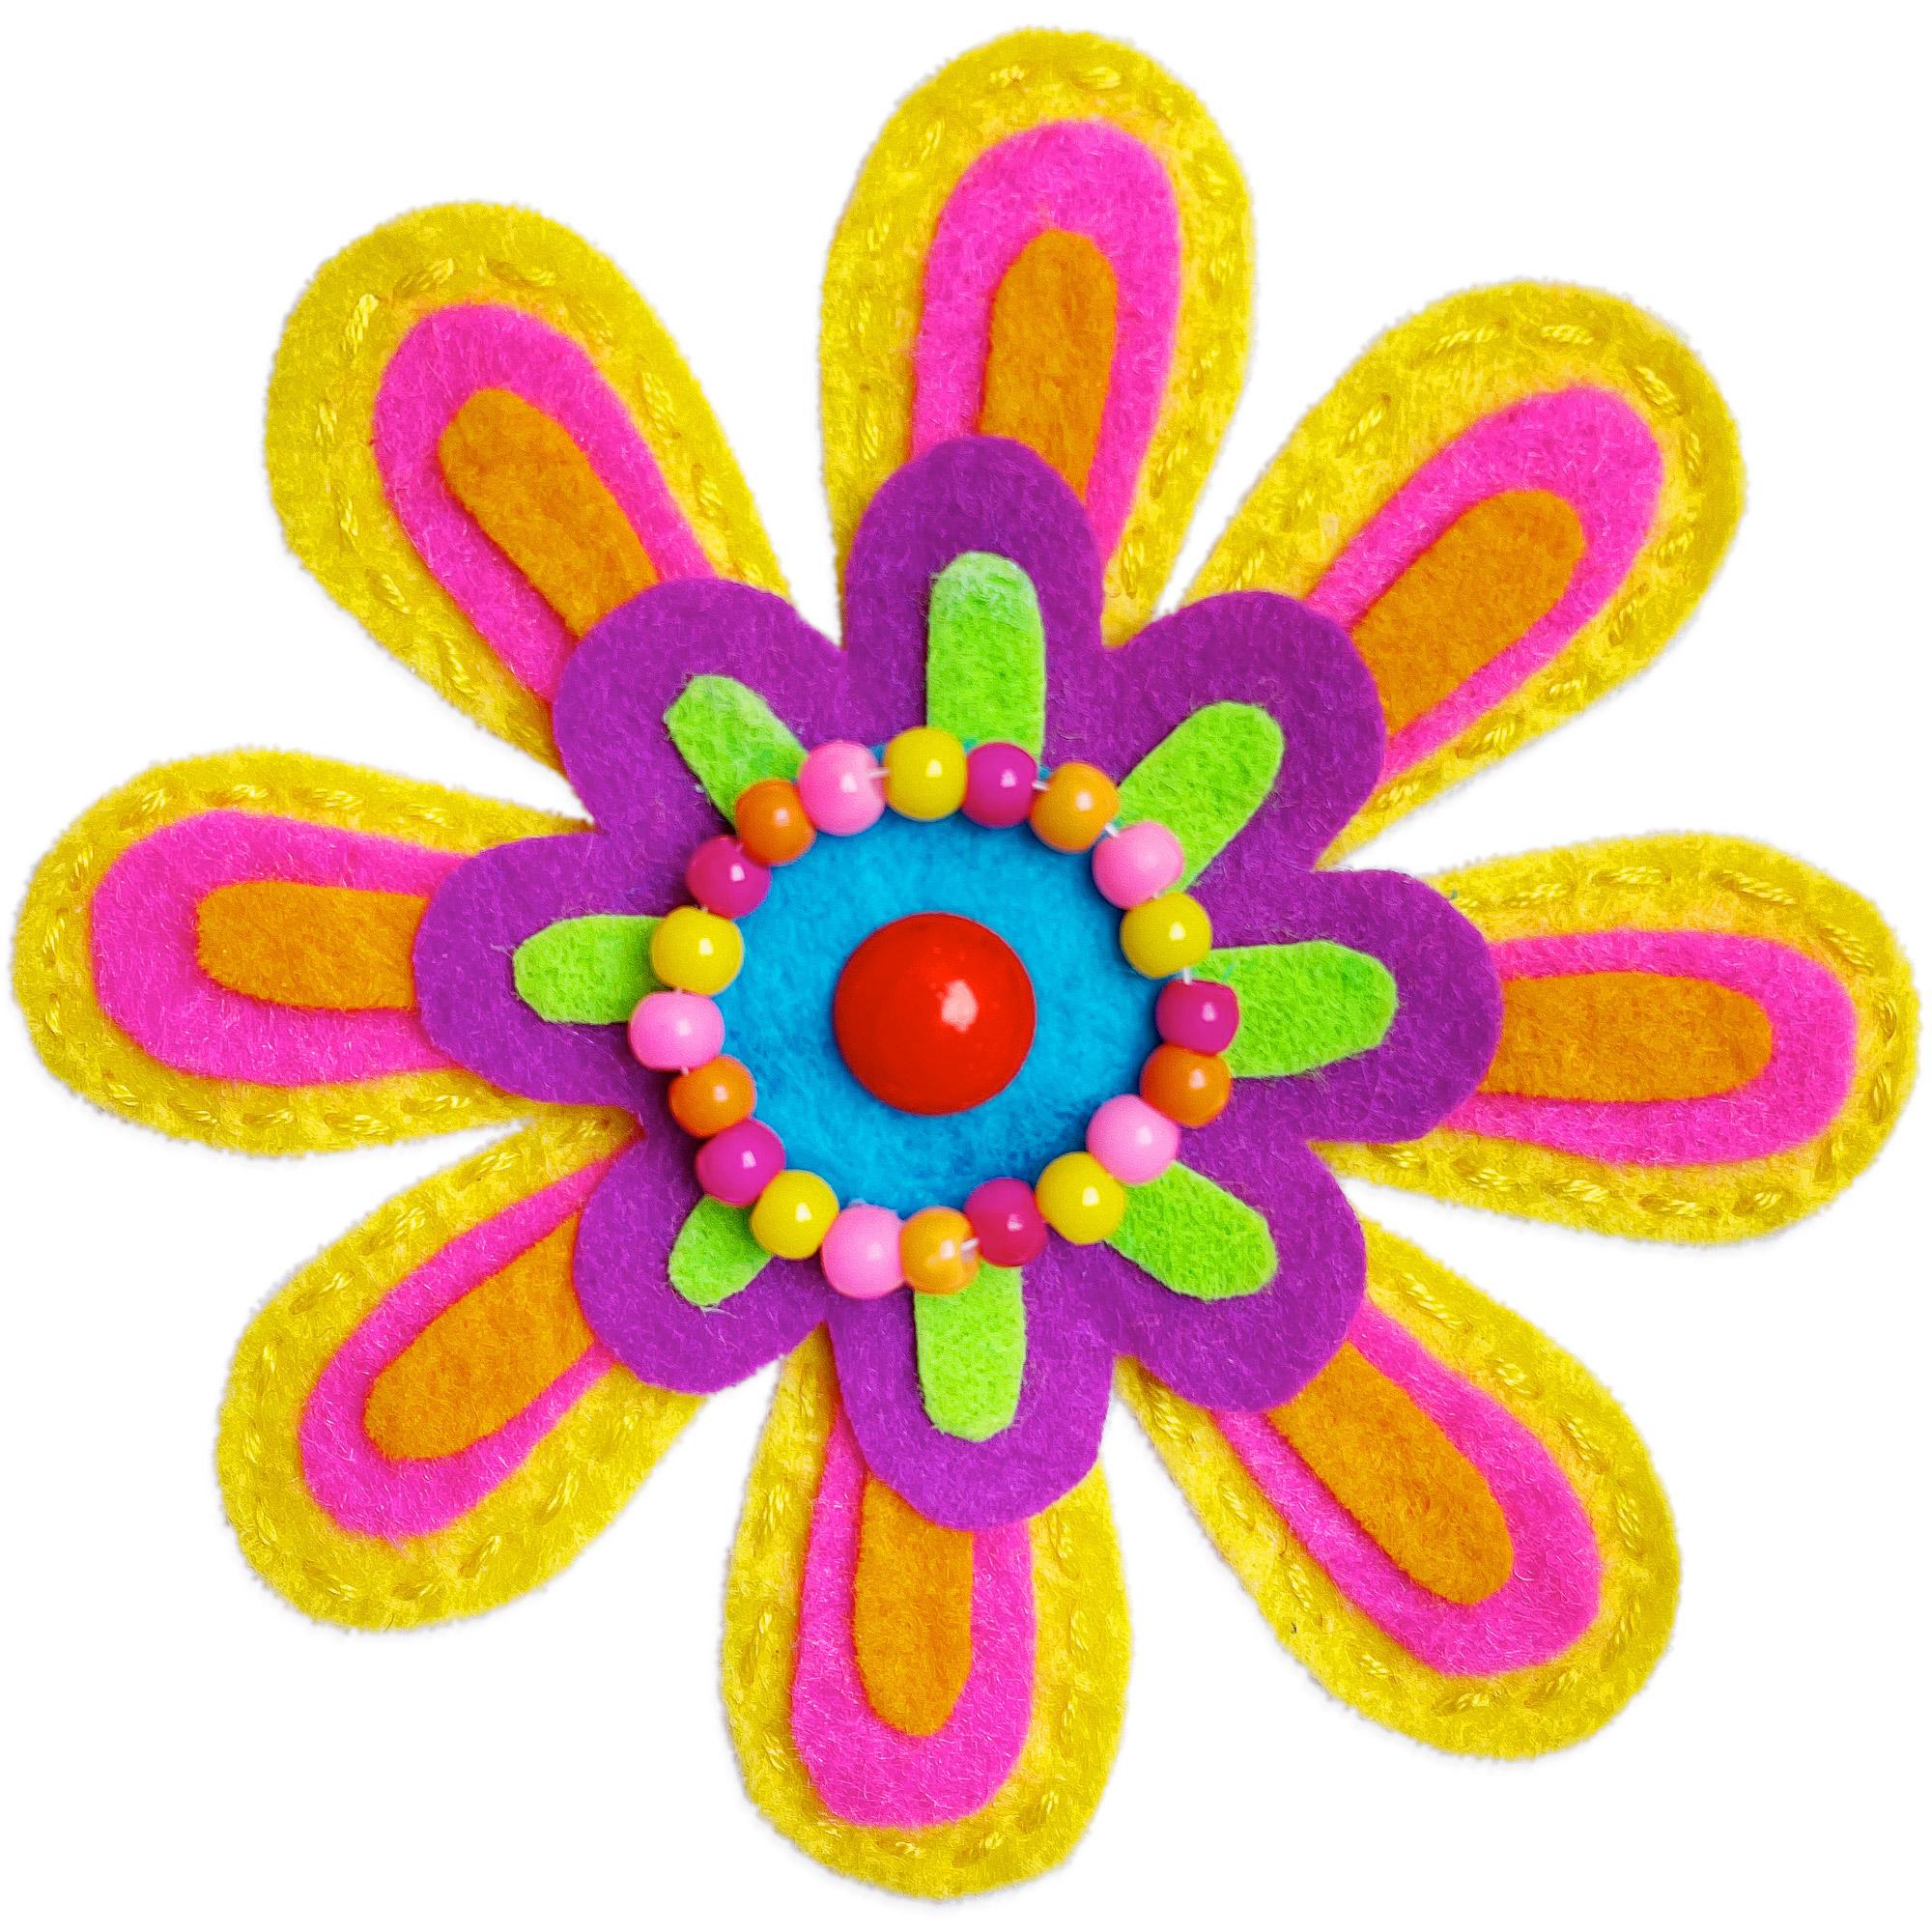 Joyfully Felt Florals | Zocalo Public Square • Arizona State University • Smithsonian